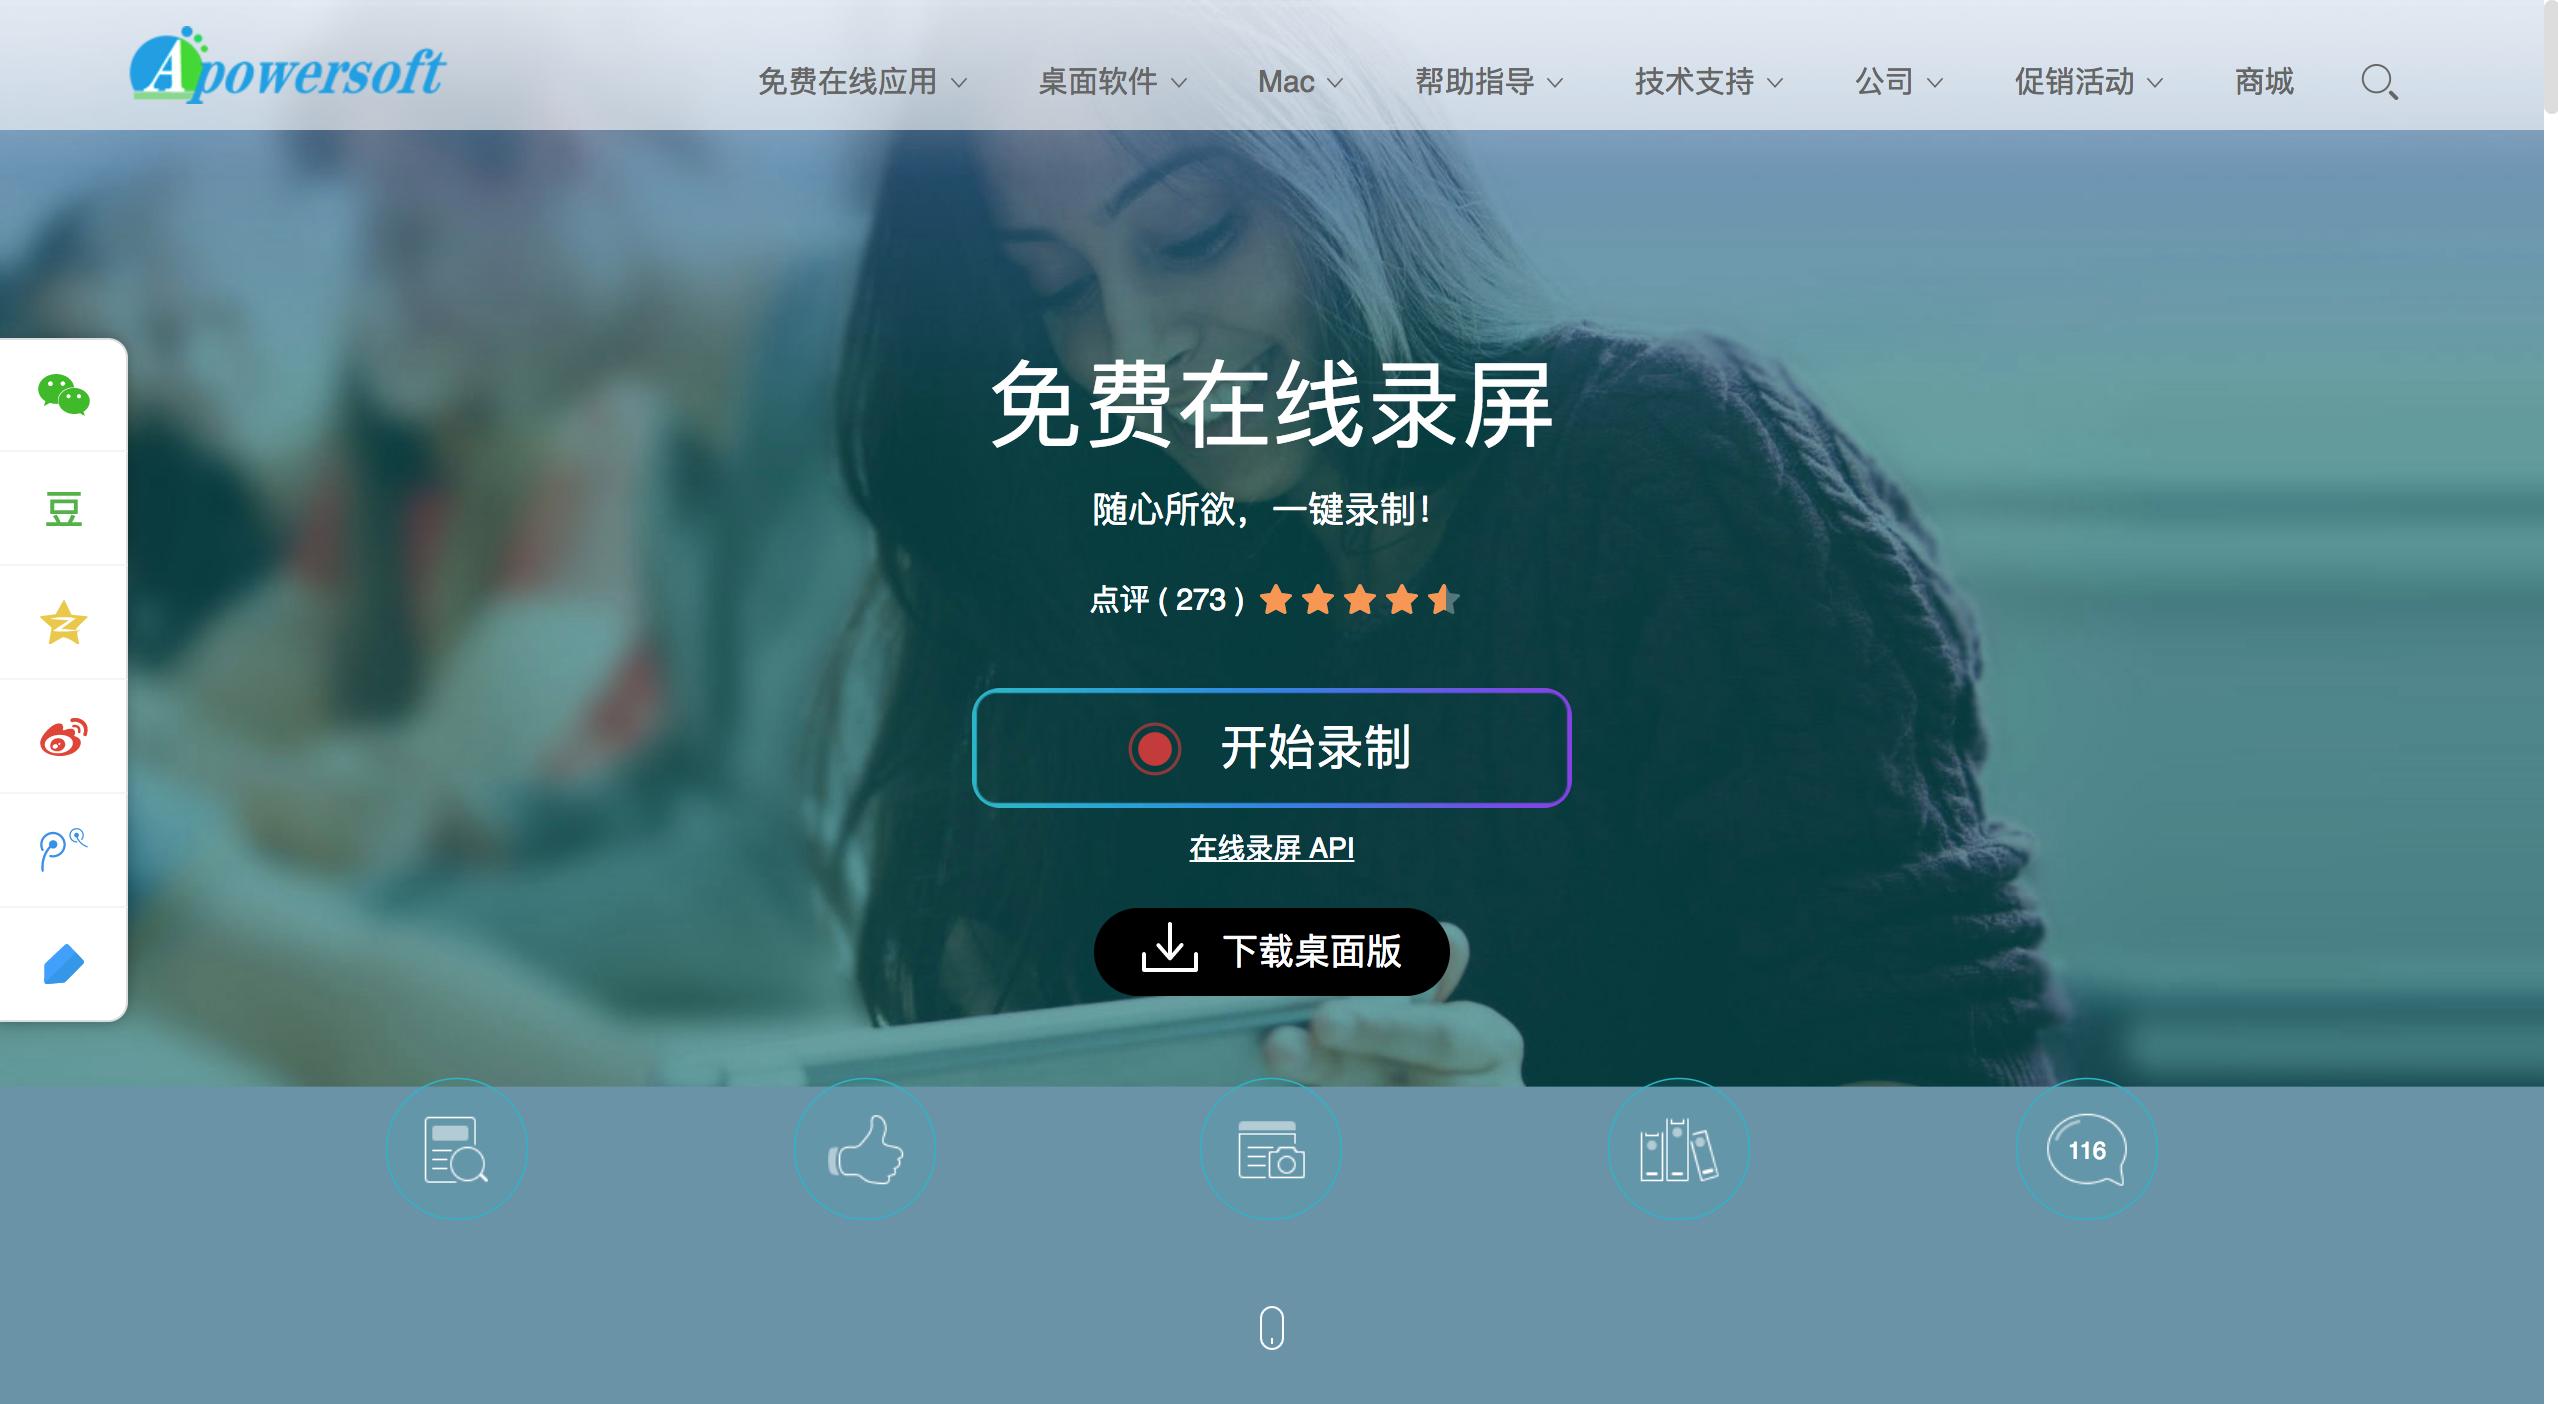 免费在线图像音视频工具箱,无需下载安装!-iQiQi